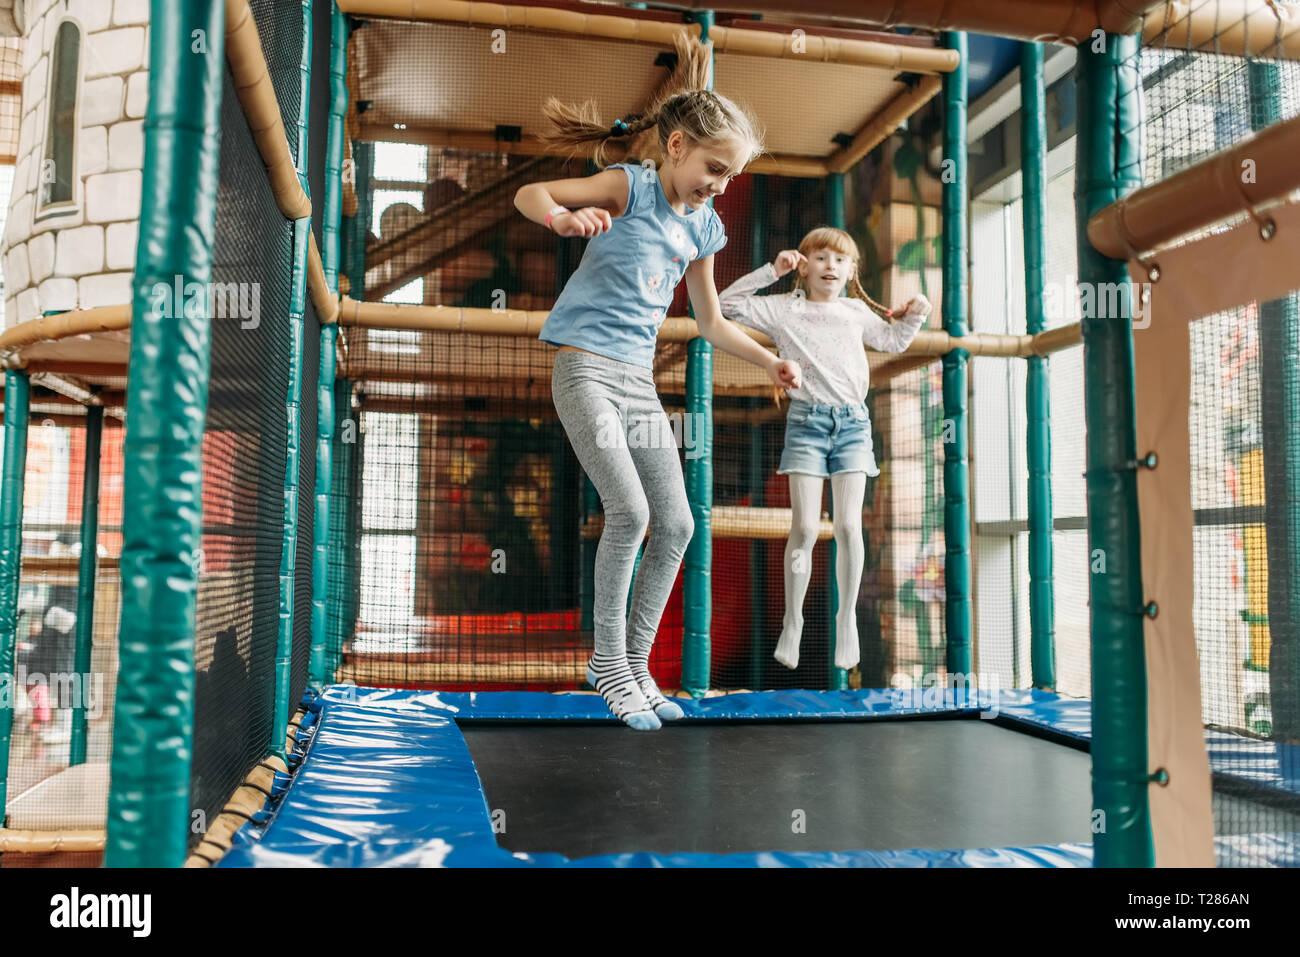 Due ragazze divertente saltando sul trampolino, bambini Game center. Emozionato i bambini divertirsi sul parco giochi al chiuso. Bambini che giocano nel centro di divertimenti Immagini Stock